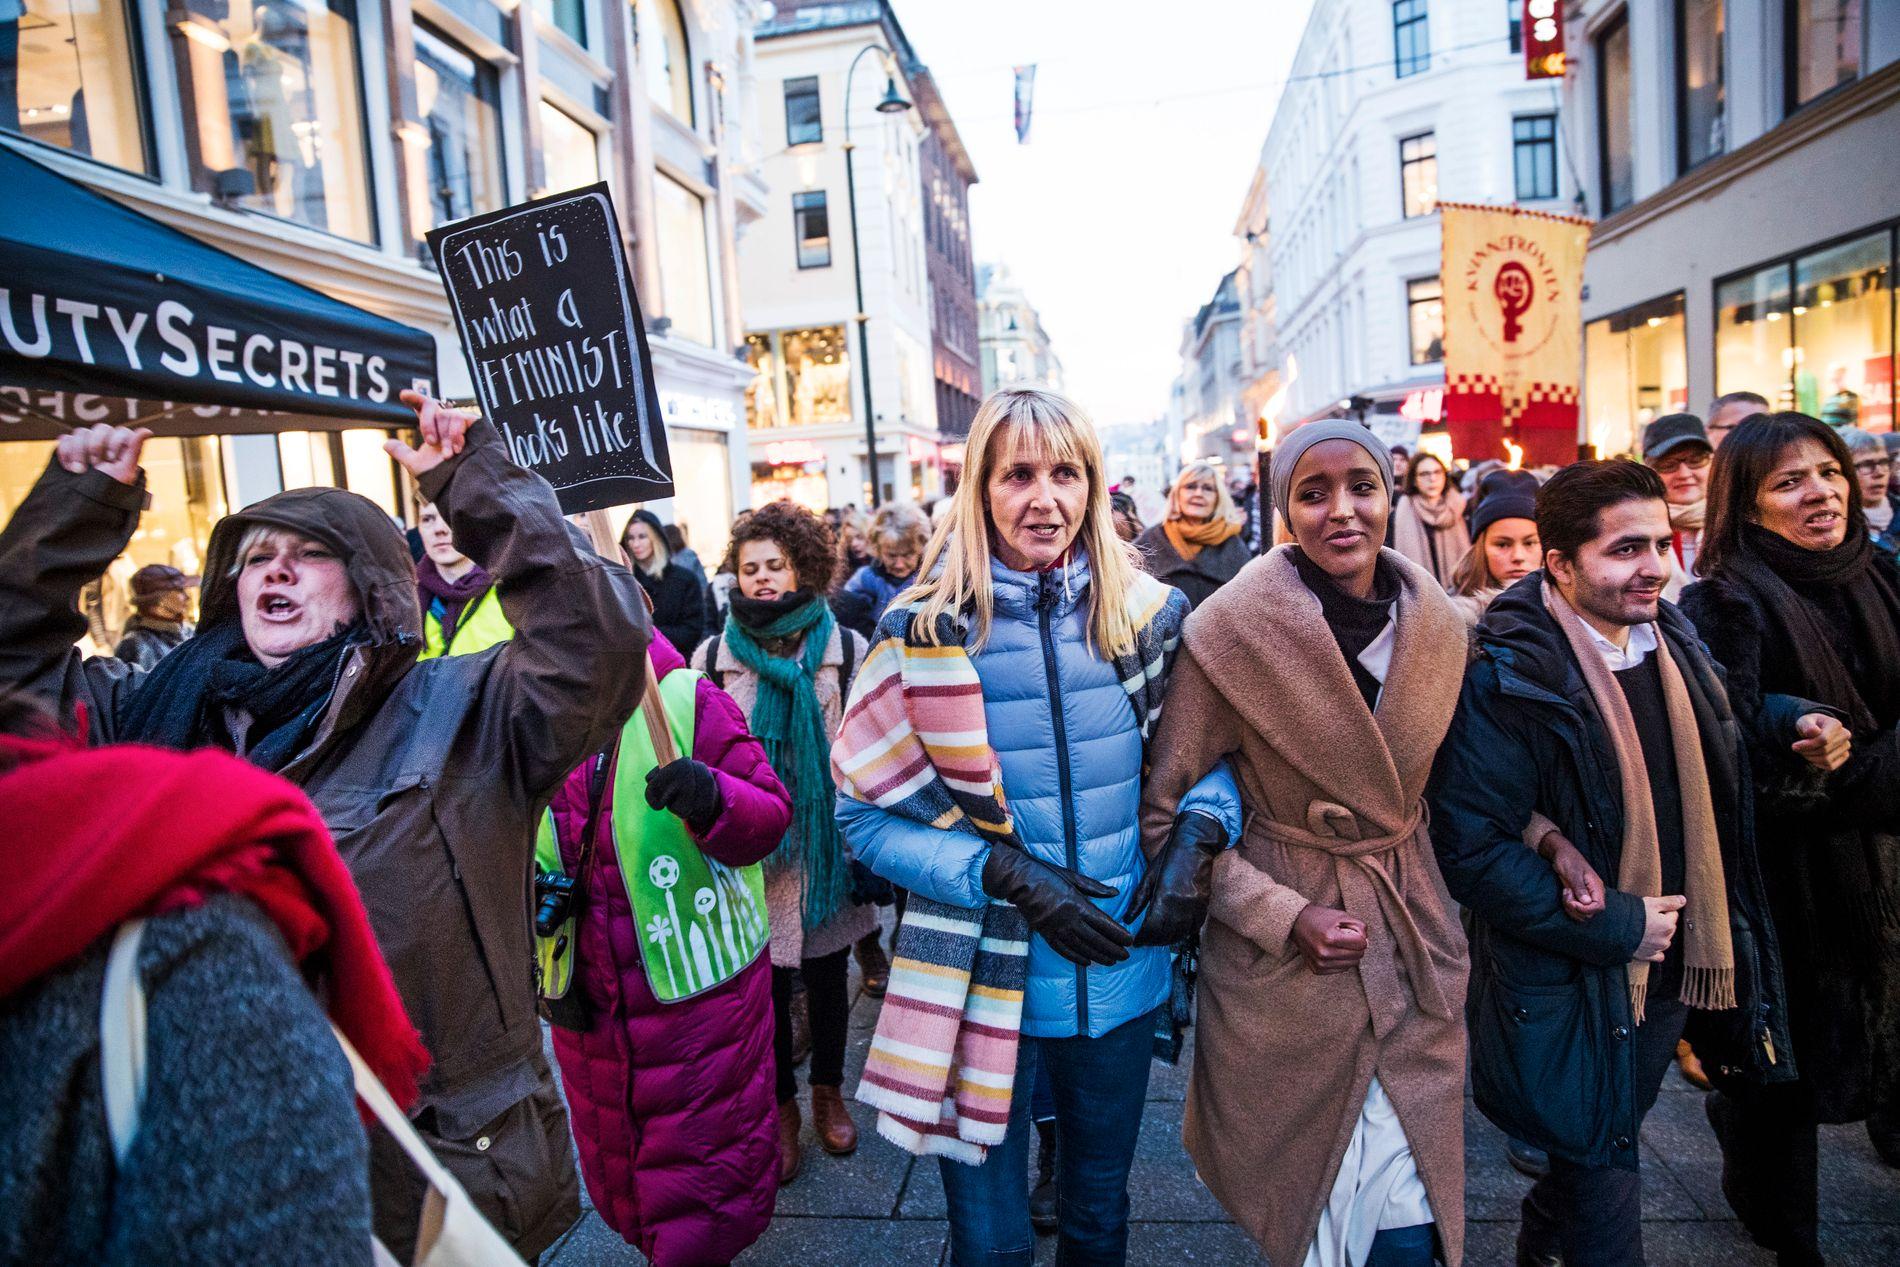 KVINNEMARSJ: I kjølvannet av innsettelsen av den amerikanske presidenten fredag ble det arrangert kvinnemarsj verden over. Arrangementet Women`s March gikk også i Oslo. Brit-Agnes Sværi (i blått) var inititativtager. Foto: FRODE HANSEN, VG